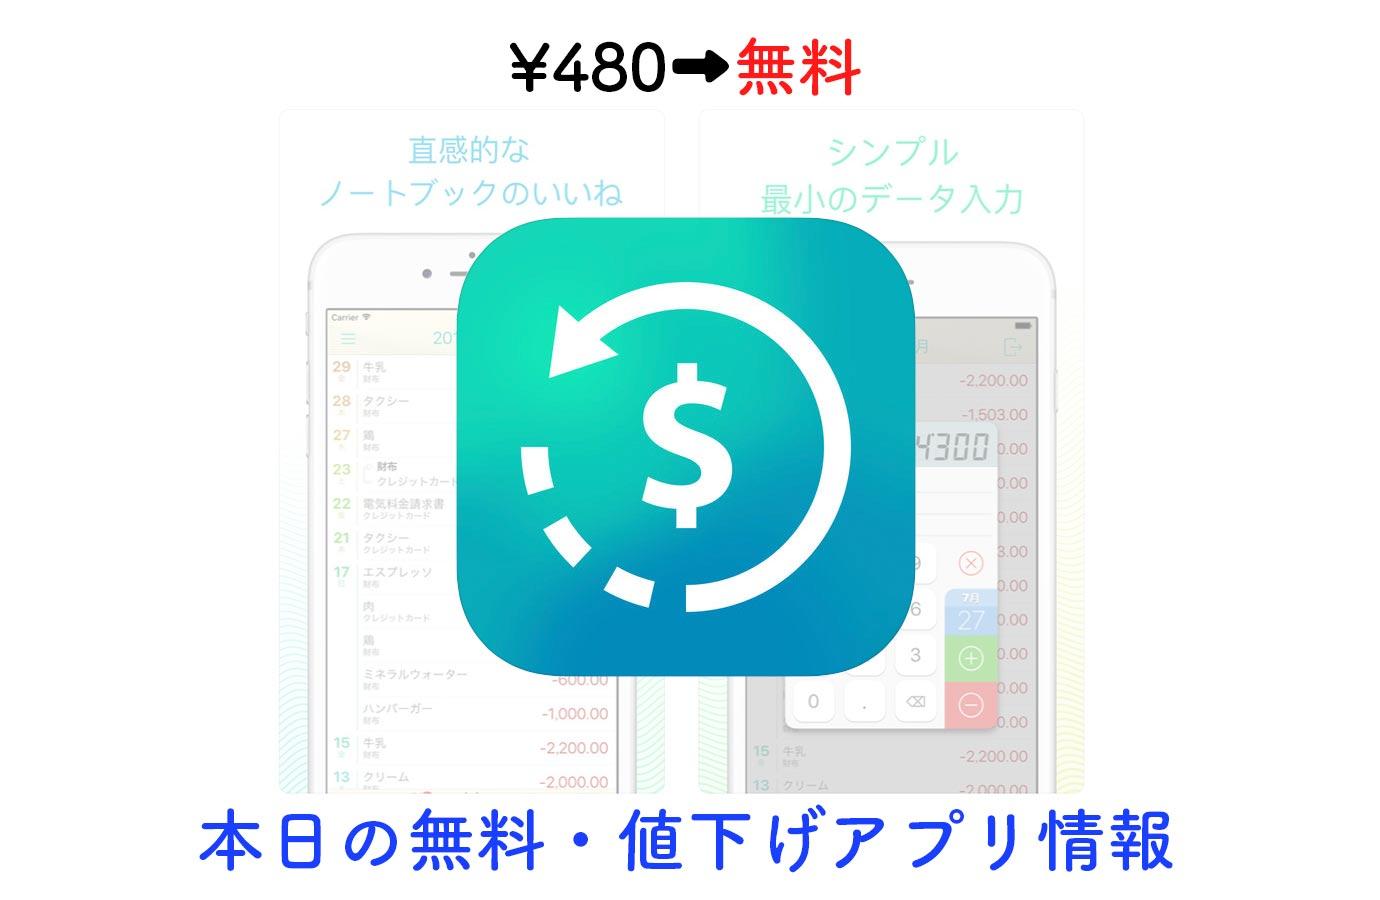 ¥480→無料、シンプルで使いやすい家計簿アプリ「Frugi」など【3/24】セールアプリ情報